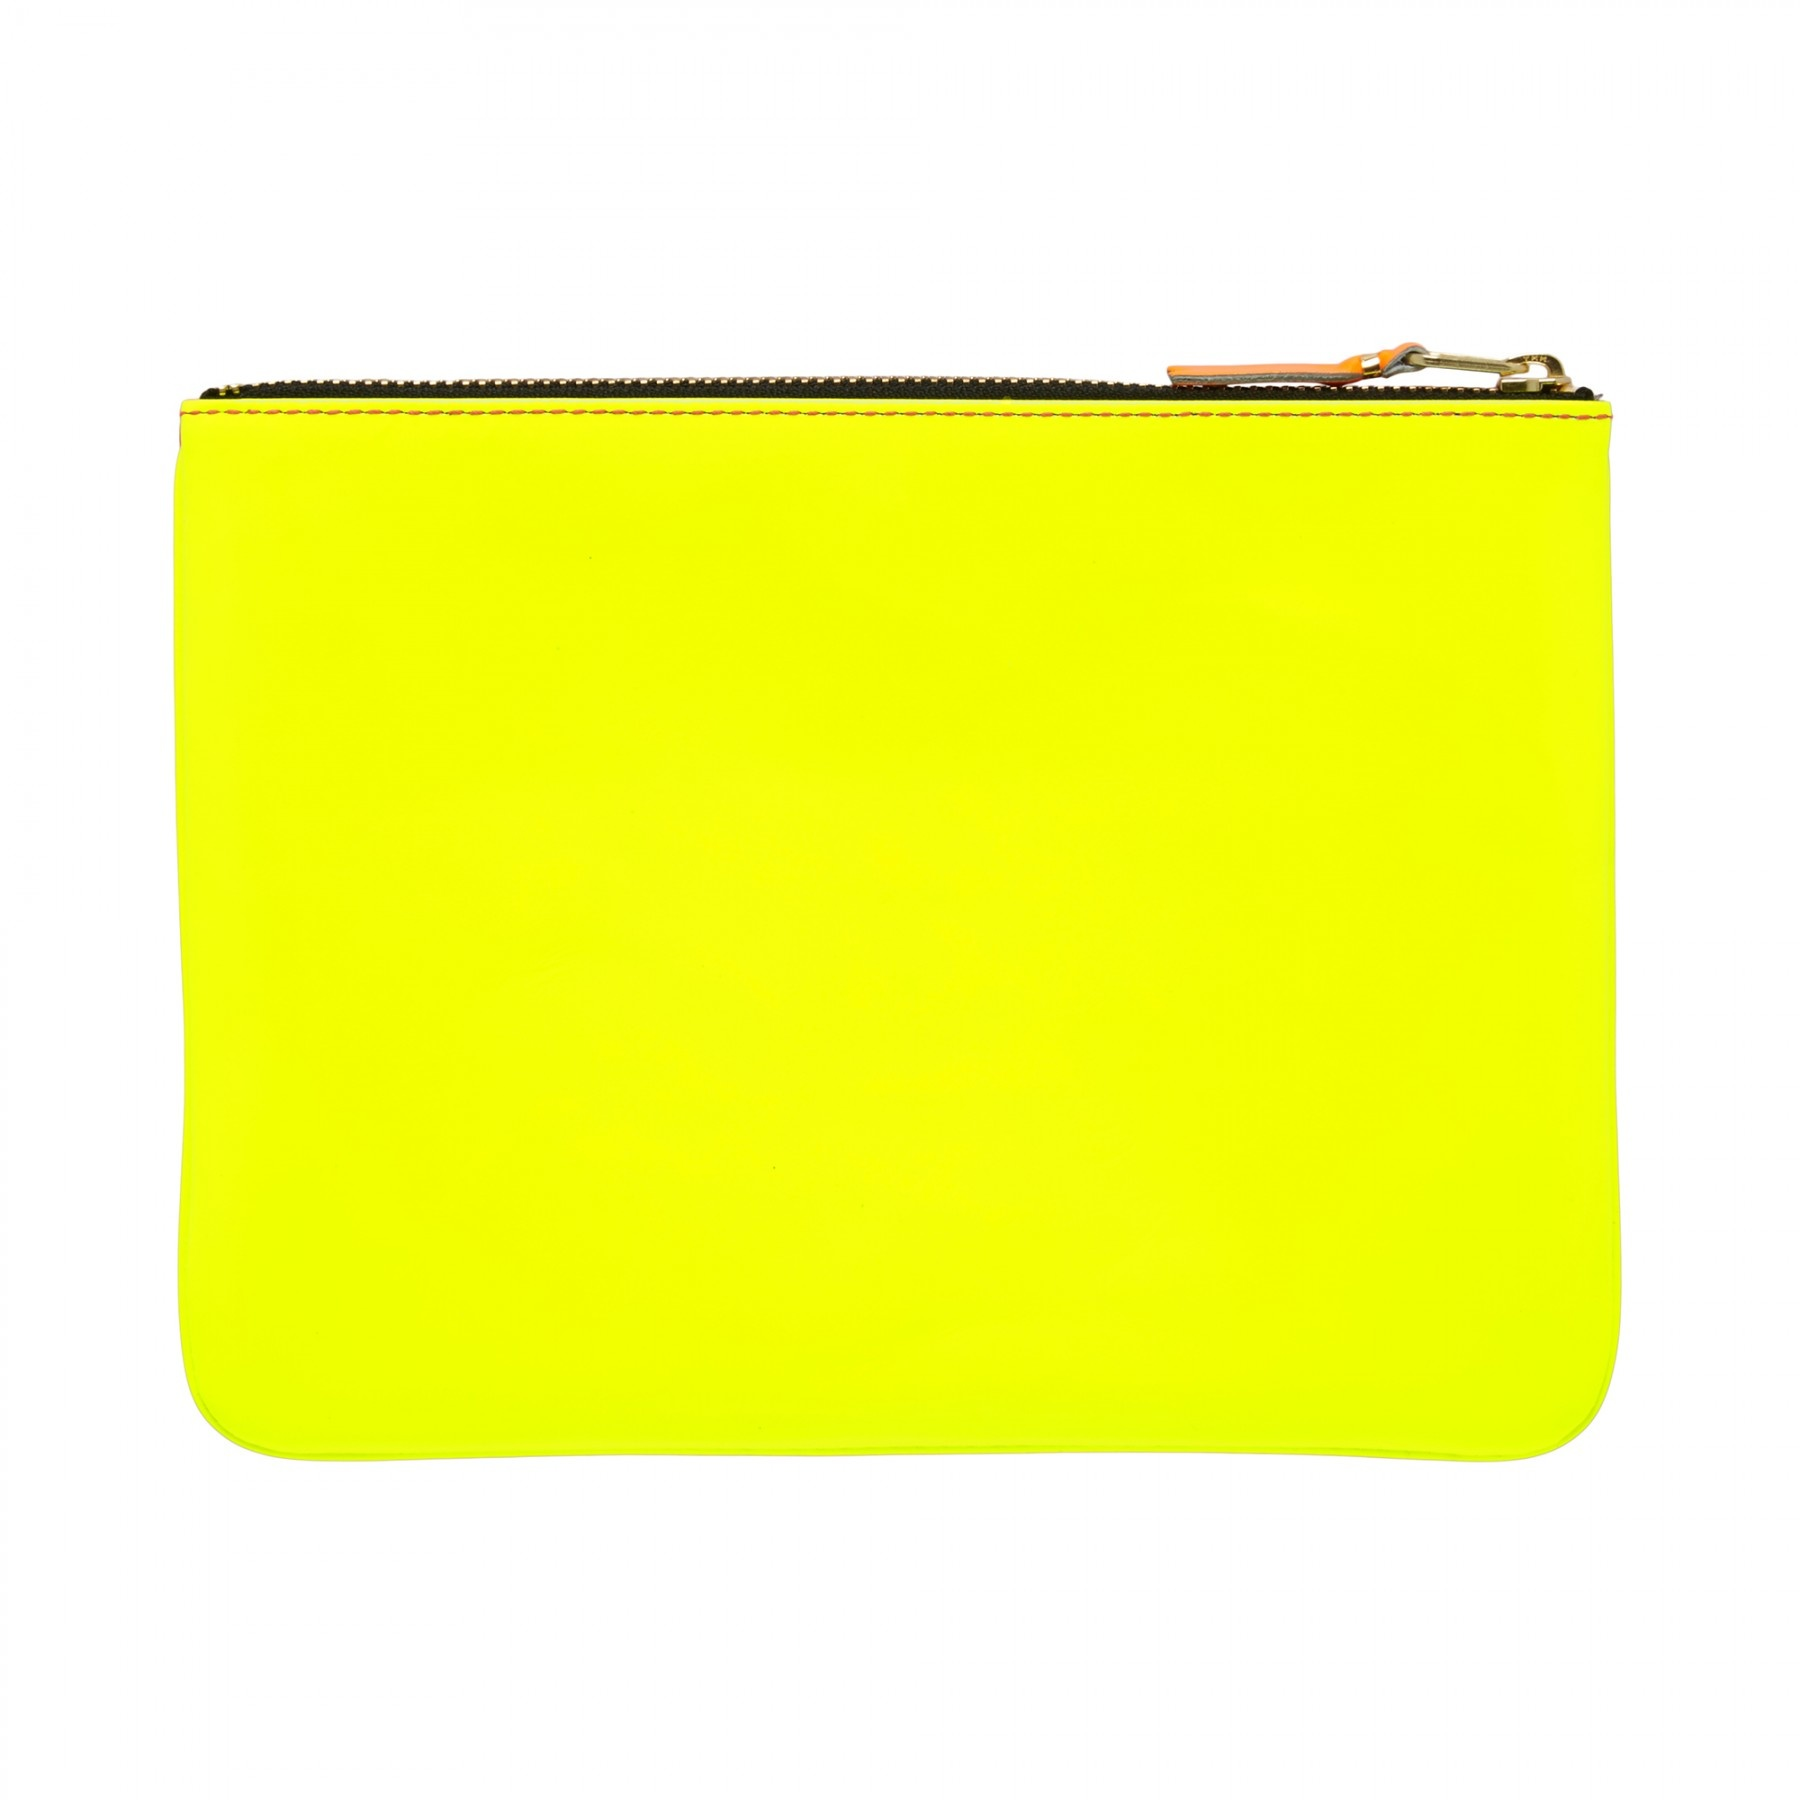 COMME des GARÇONS Wallet Comme des Garçons Large Pouch Super Fluo Pink/Yellow SA5100SF